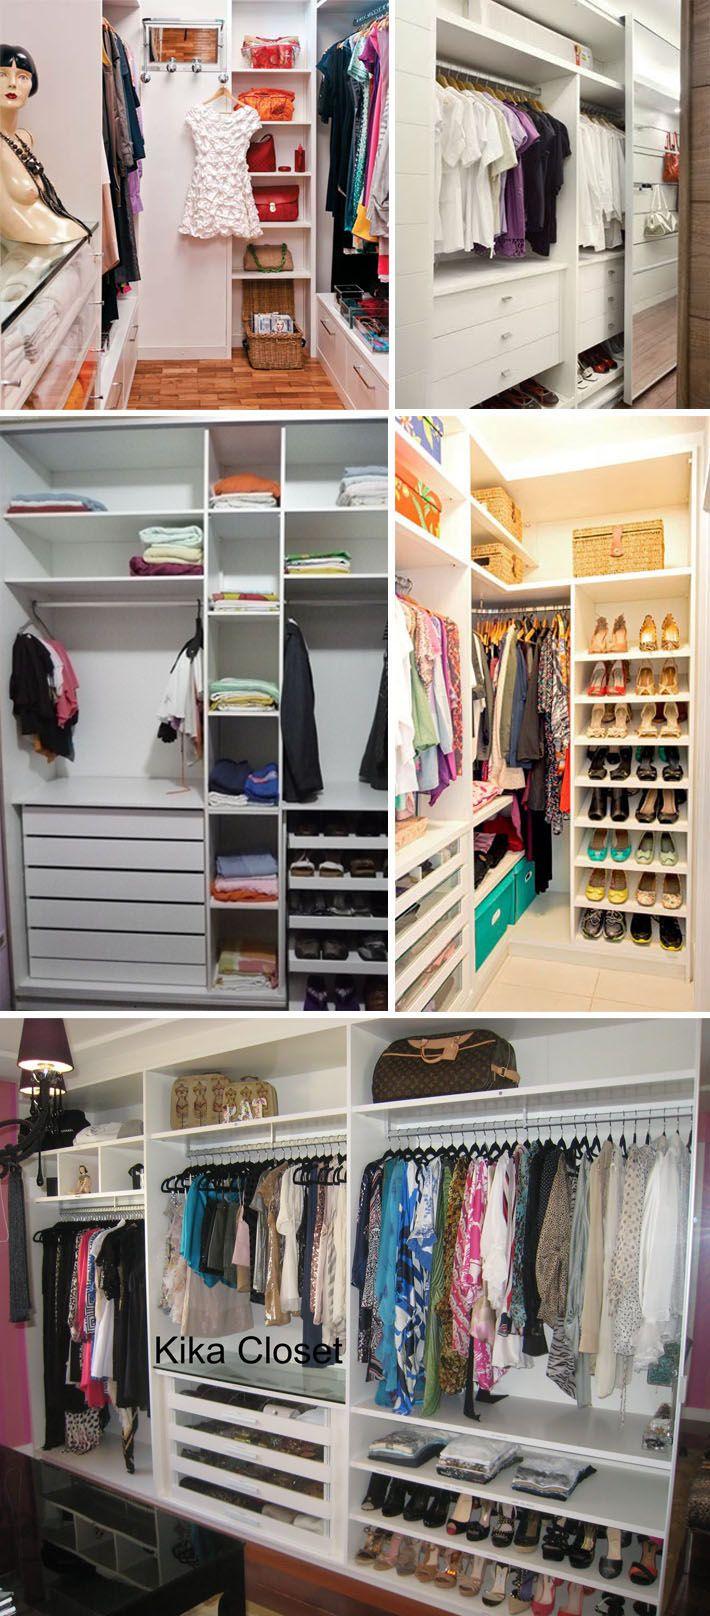 Como planejar corretamente um closet pequeno aproveitando todos os espaços possíveis? Me peguei neste dilema este fim de semana quando voltei de uma loja de móveis planejados. E a primeira coisa que resolvi fazer foi pesquisar referências de closets em revistas e na internet, claro, como sempre fiz! Como vocês já sabem, consegui um mini-espaço …